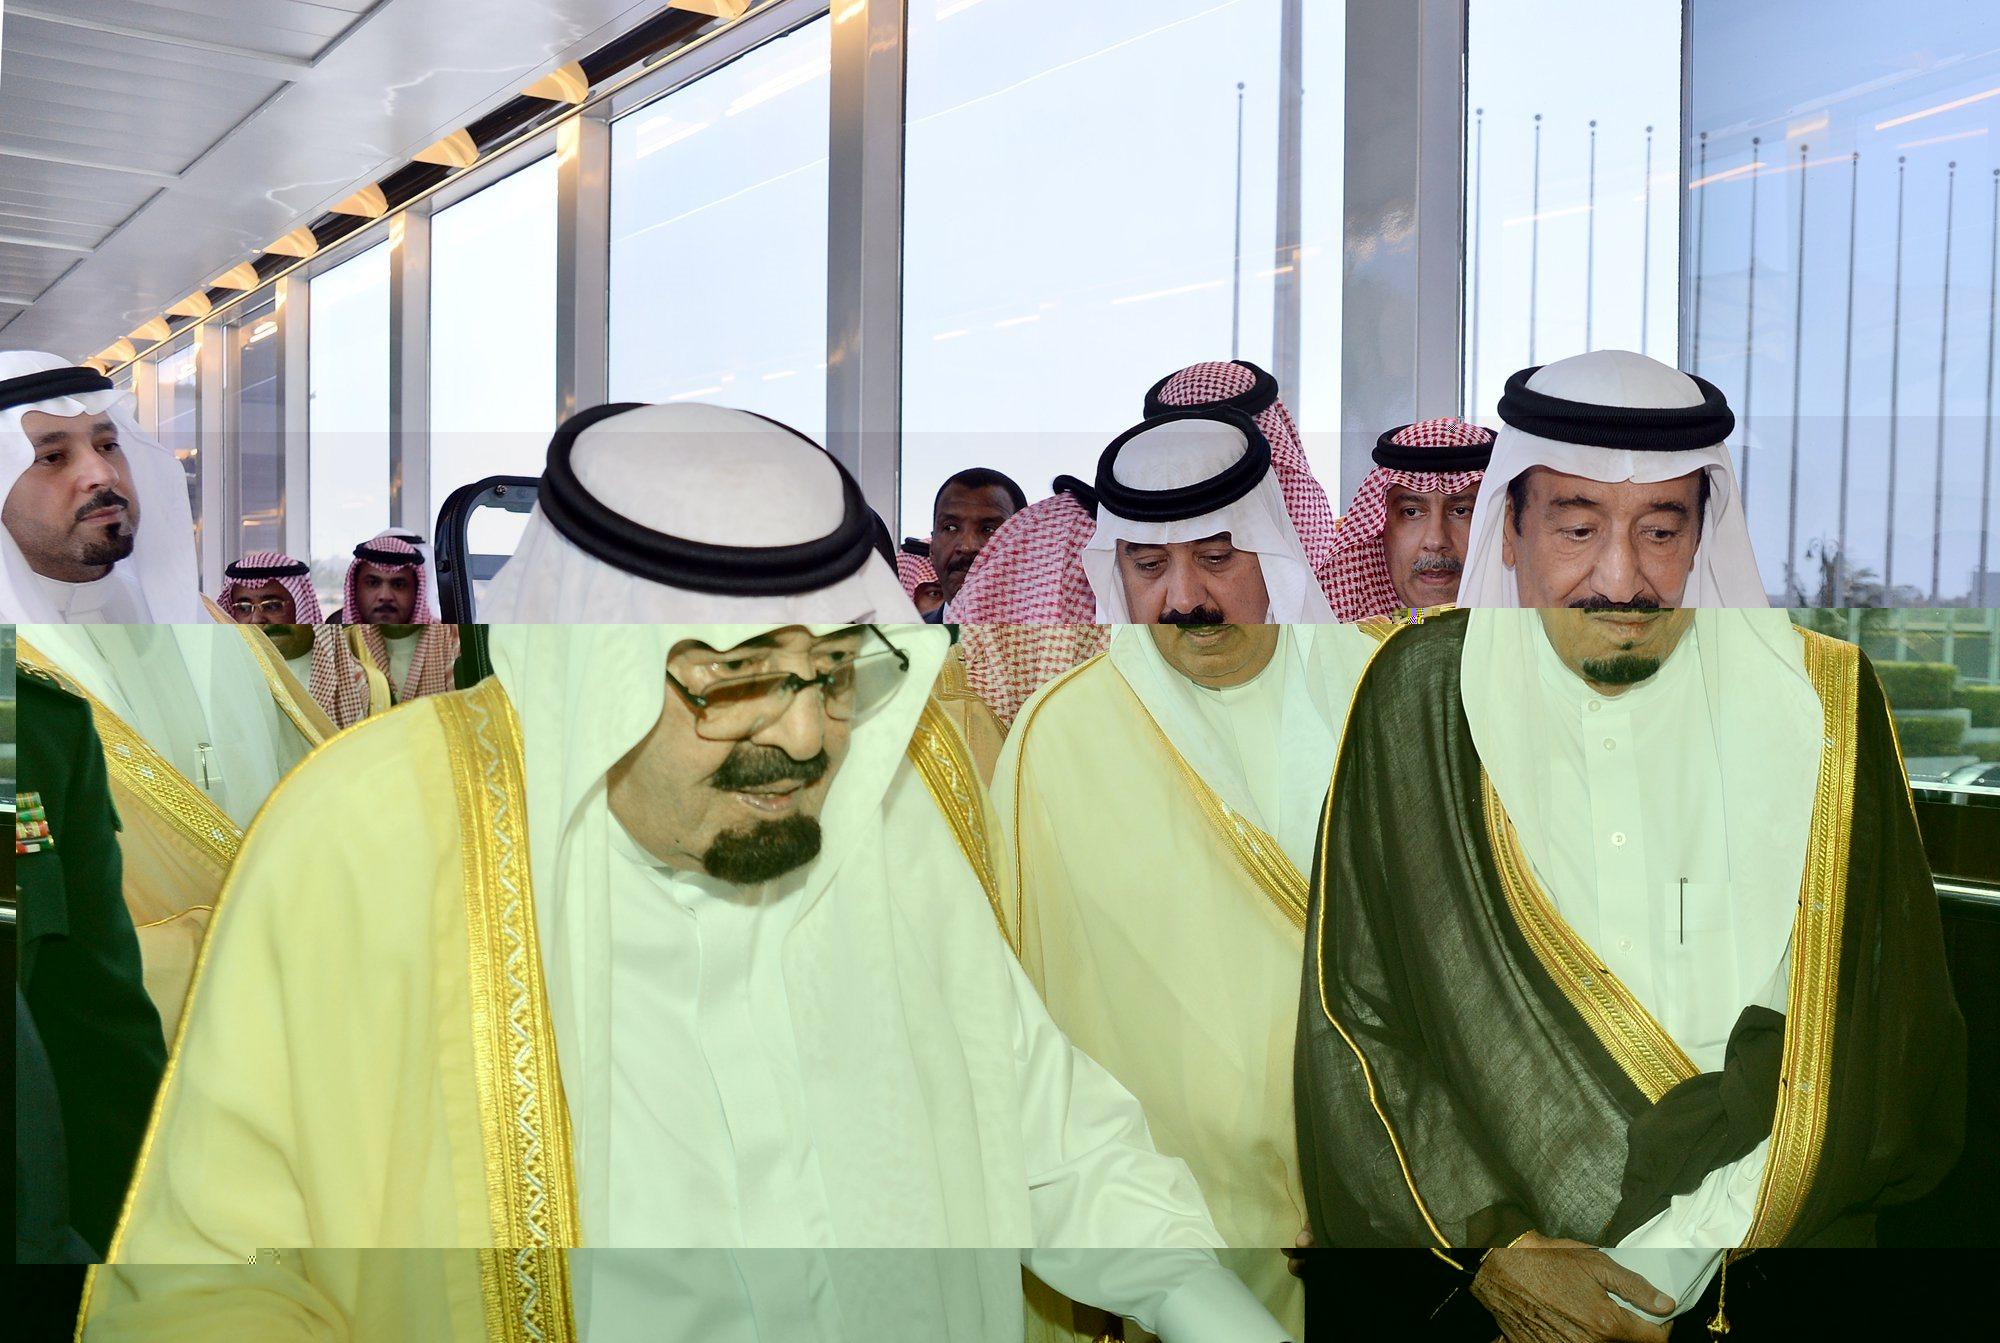 مجلة تكشف ما تعتبره النفاق والمجاملات في التعديل الوزاري السعودي